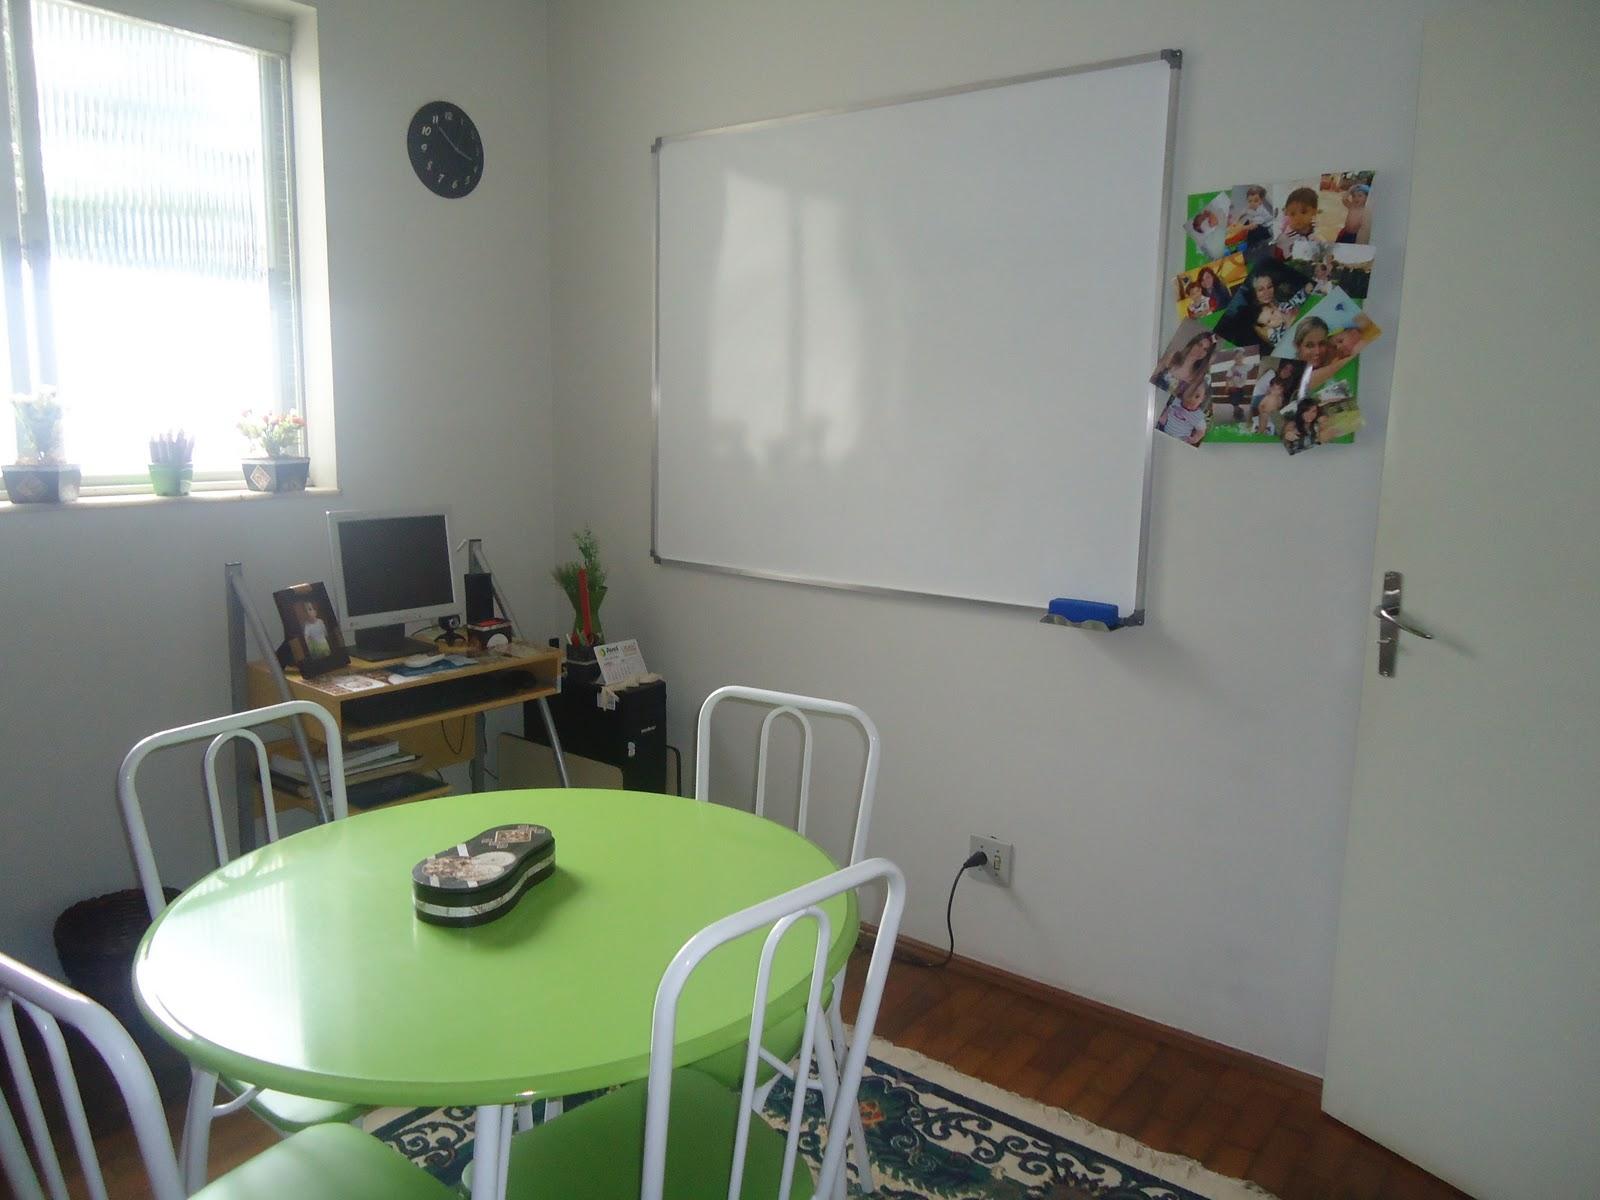 Para Gostar De Aprender Psicopedagogia 03 01 2011 04 01 2011 -> Como Decorar Uma Sala De Atendimento Psicopedagogico